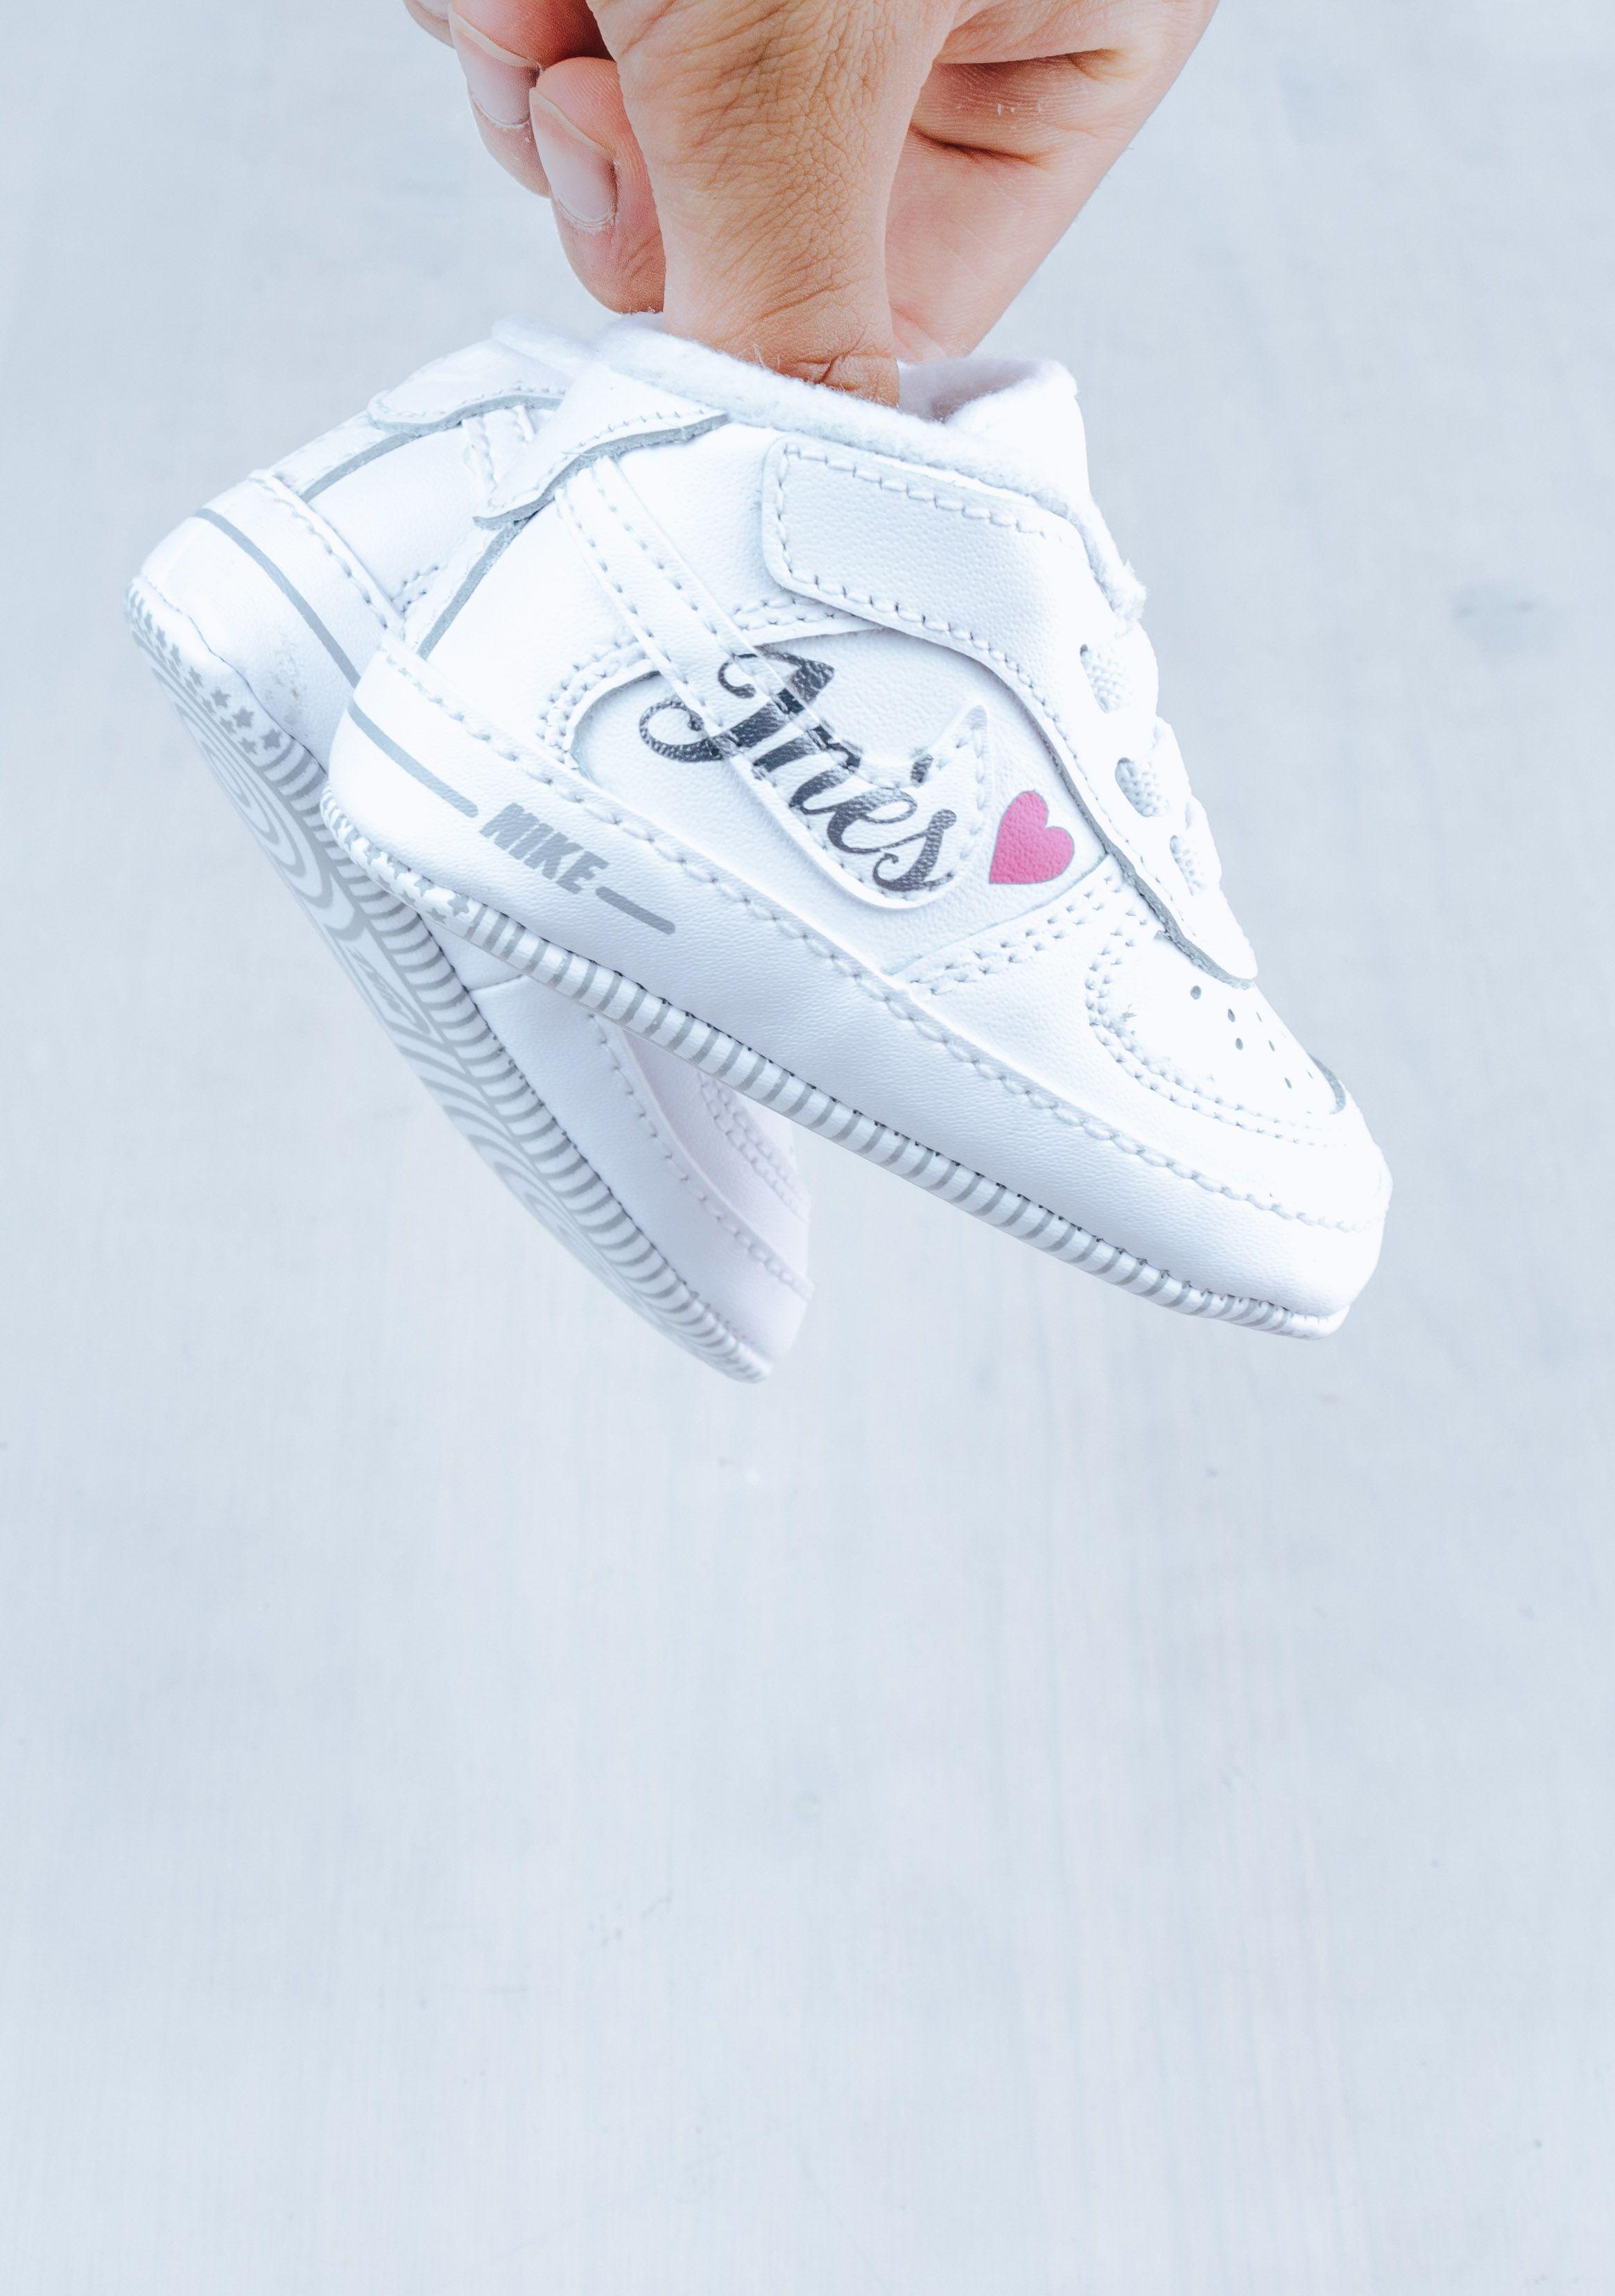 Shoozy personnalise vos chaussures bébé pour un cadeau